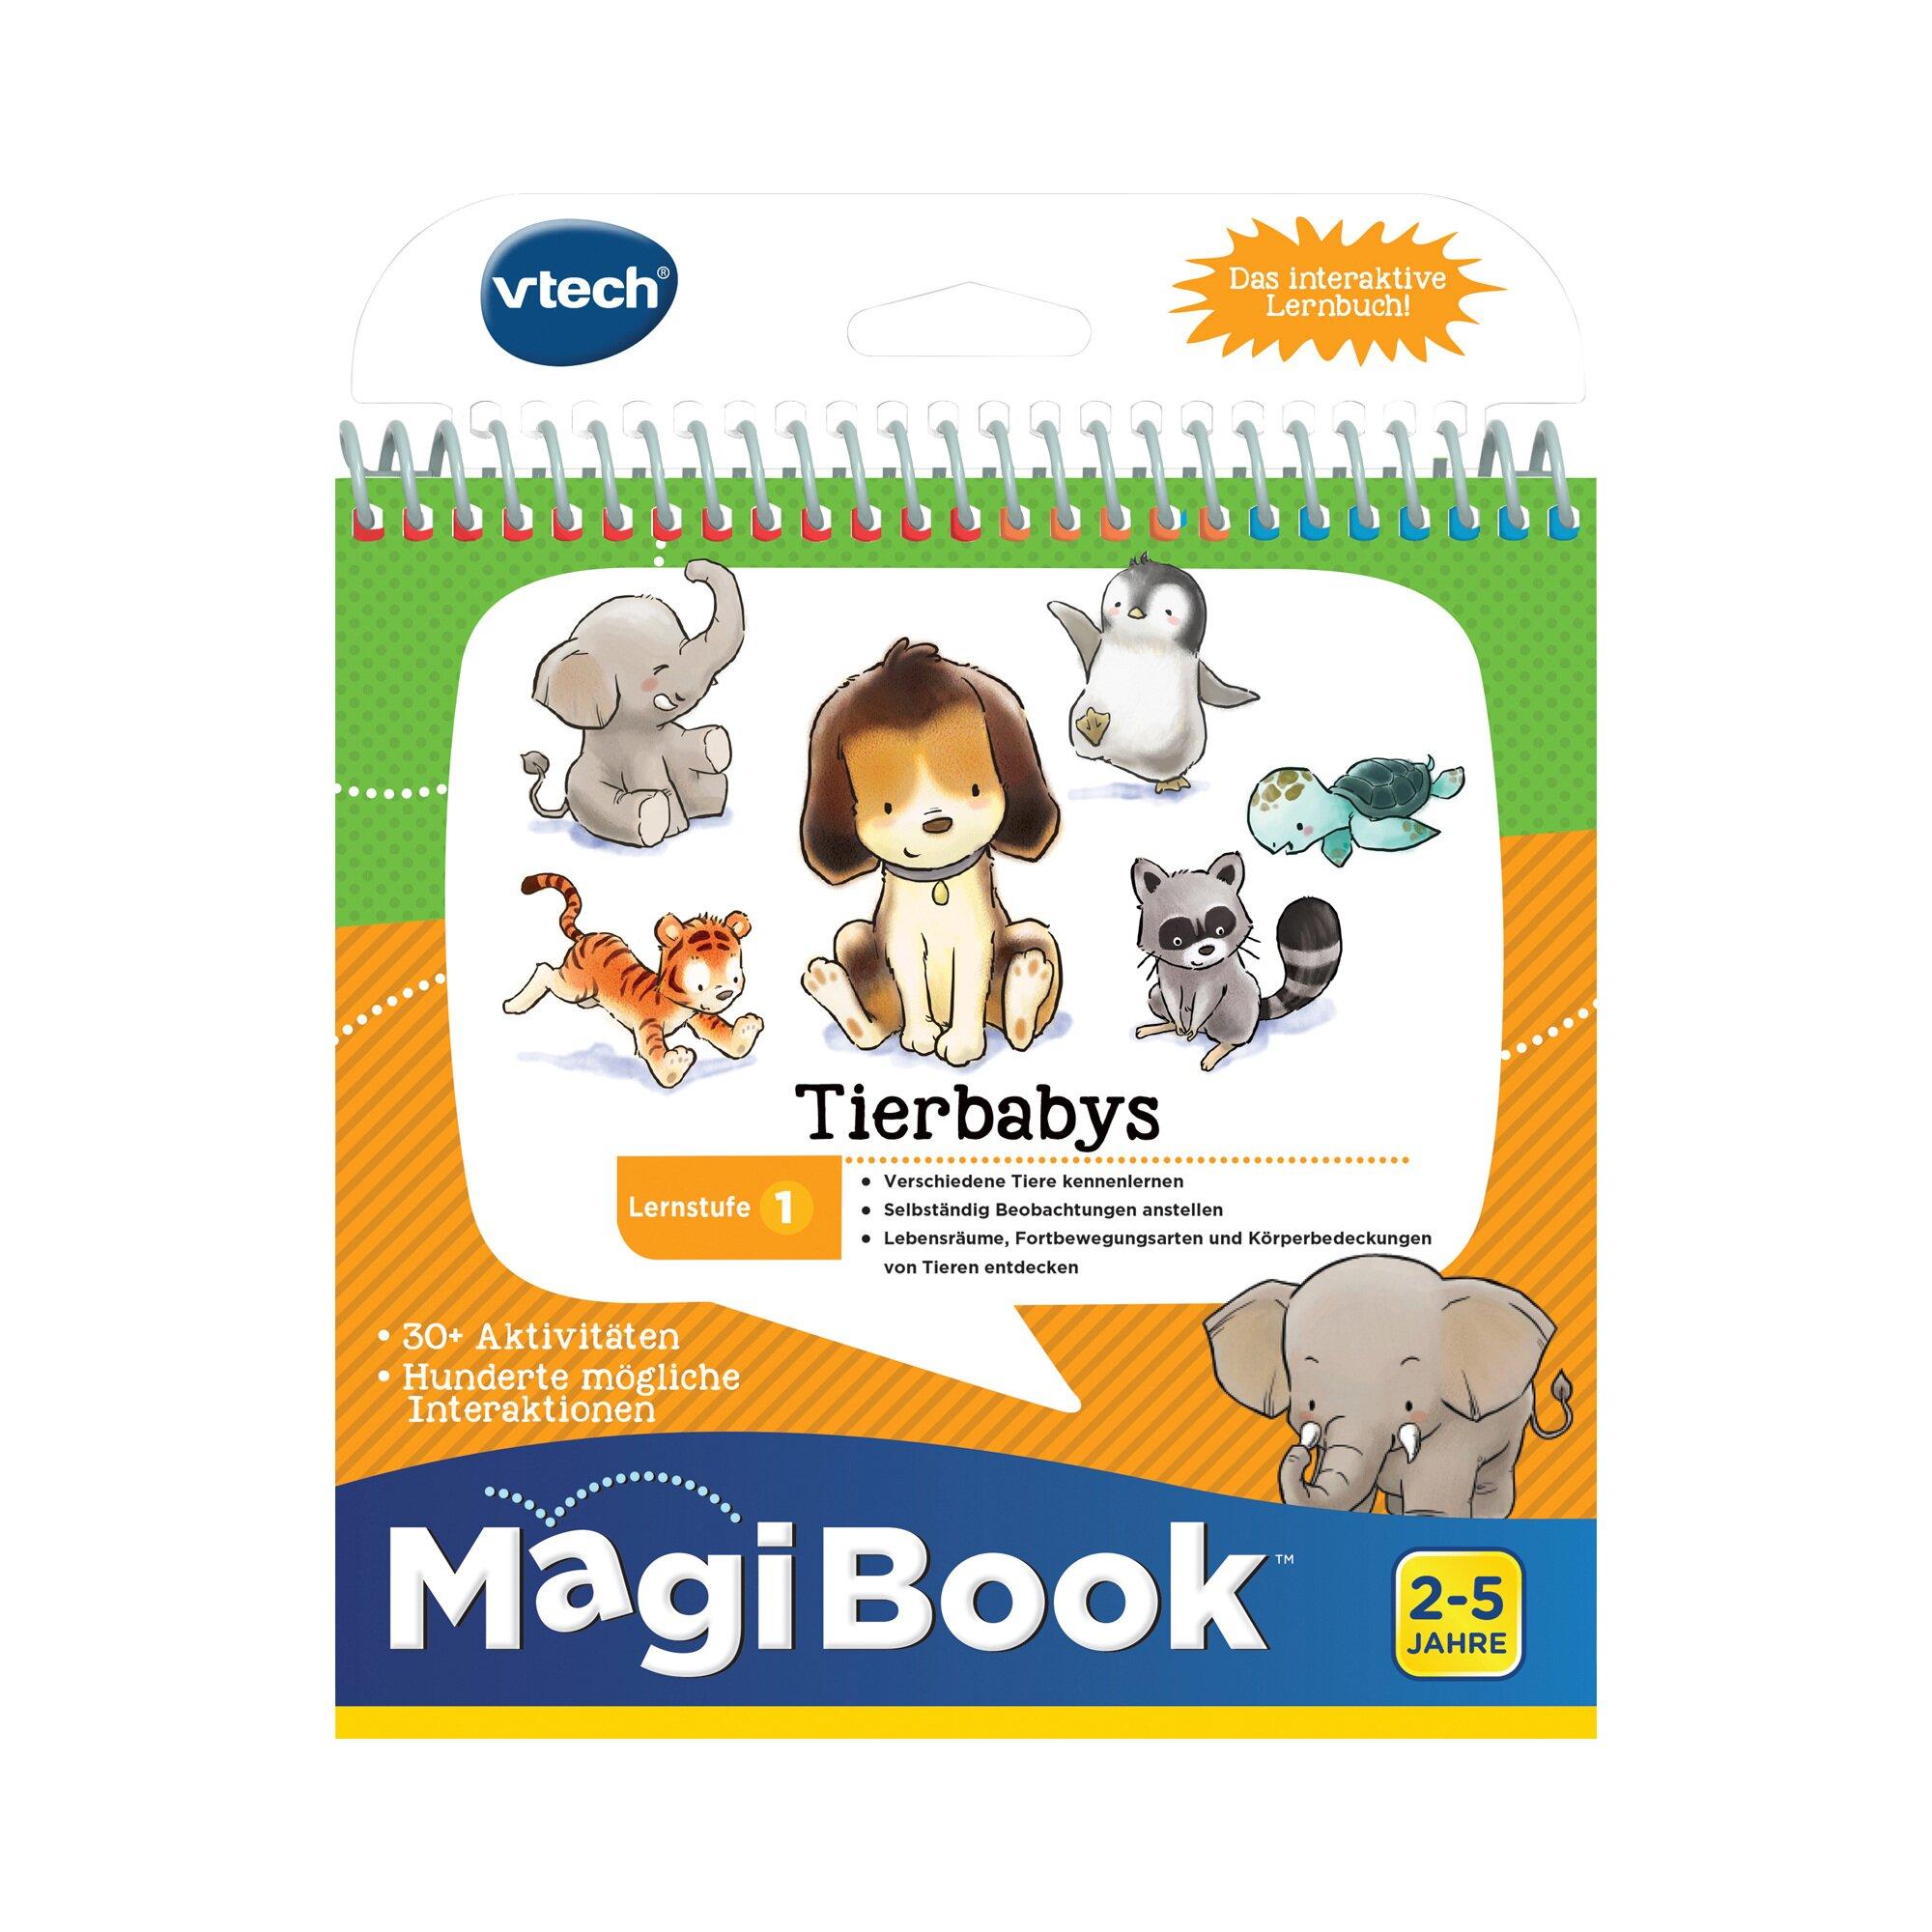 magibook-lernspielbuch-lernstufe-1-tierbabys